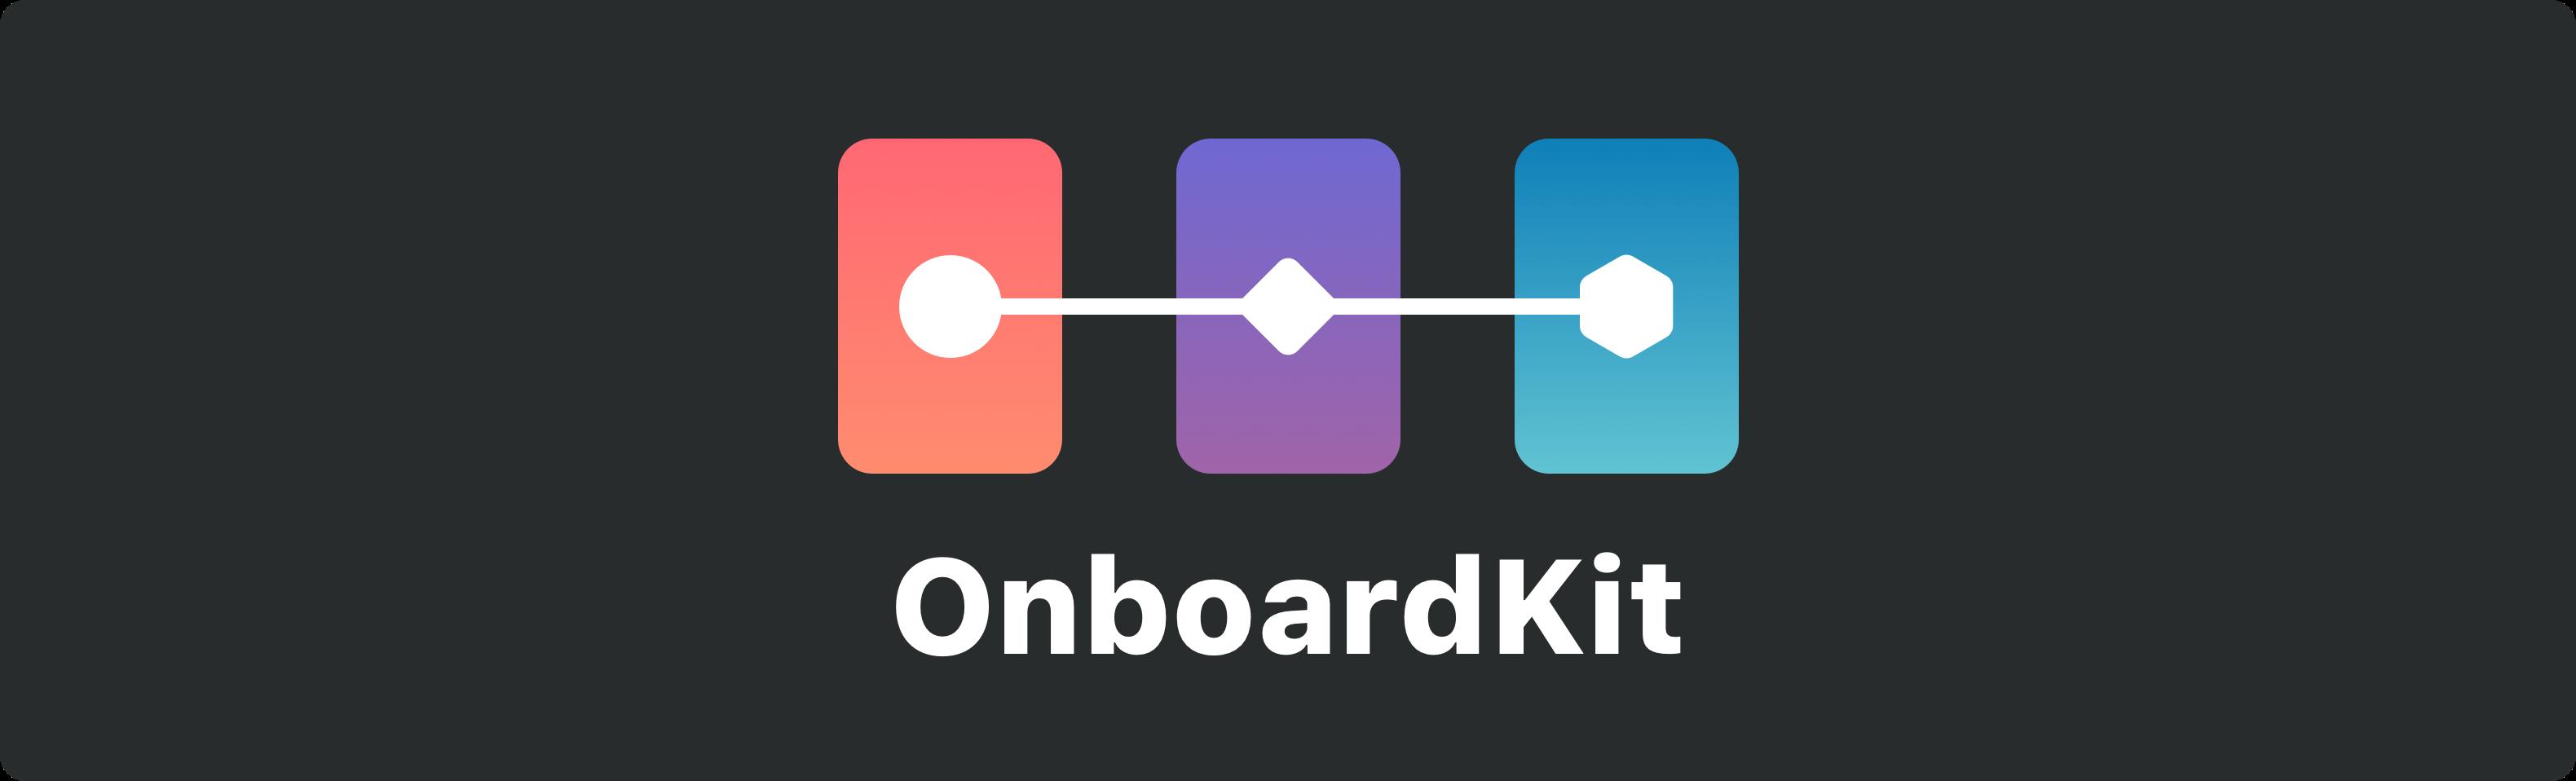 OnboardKit